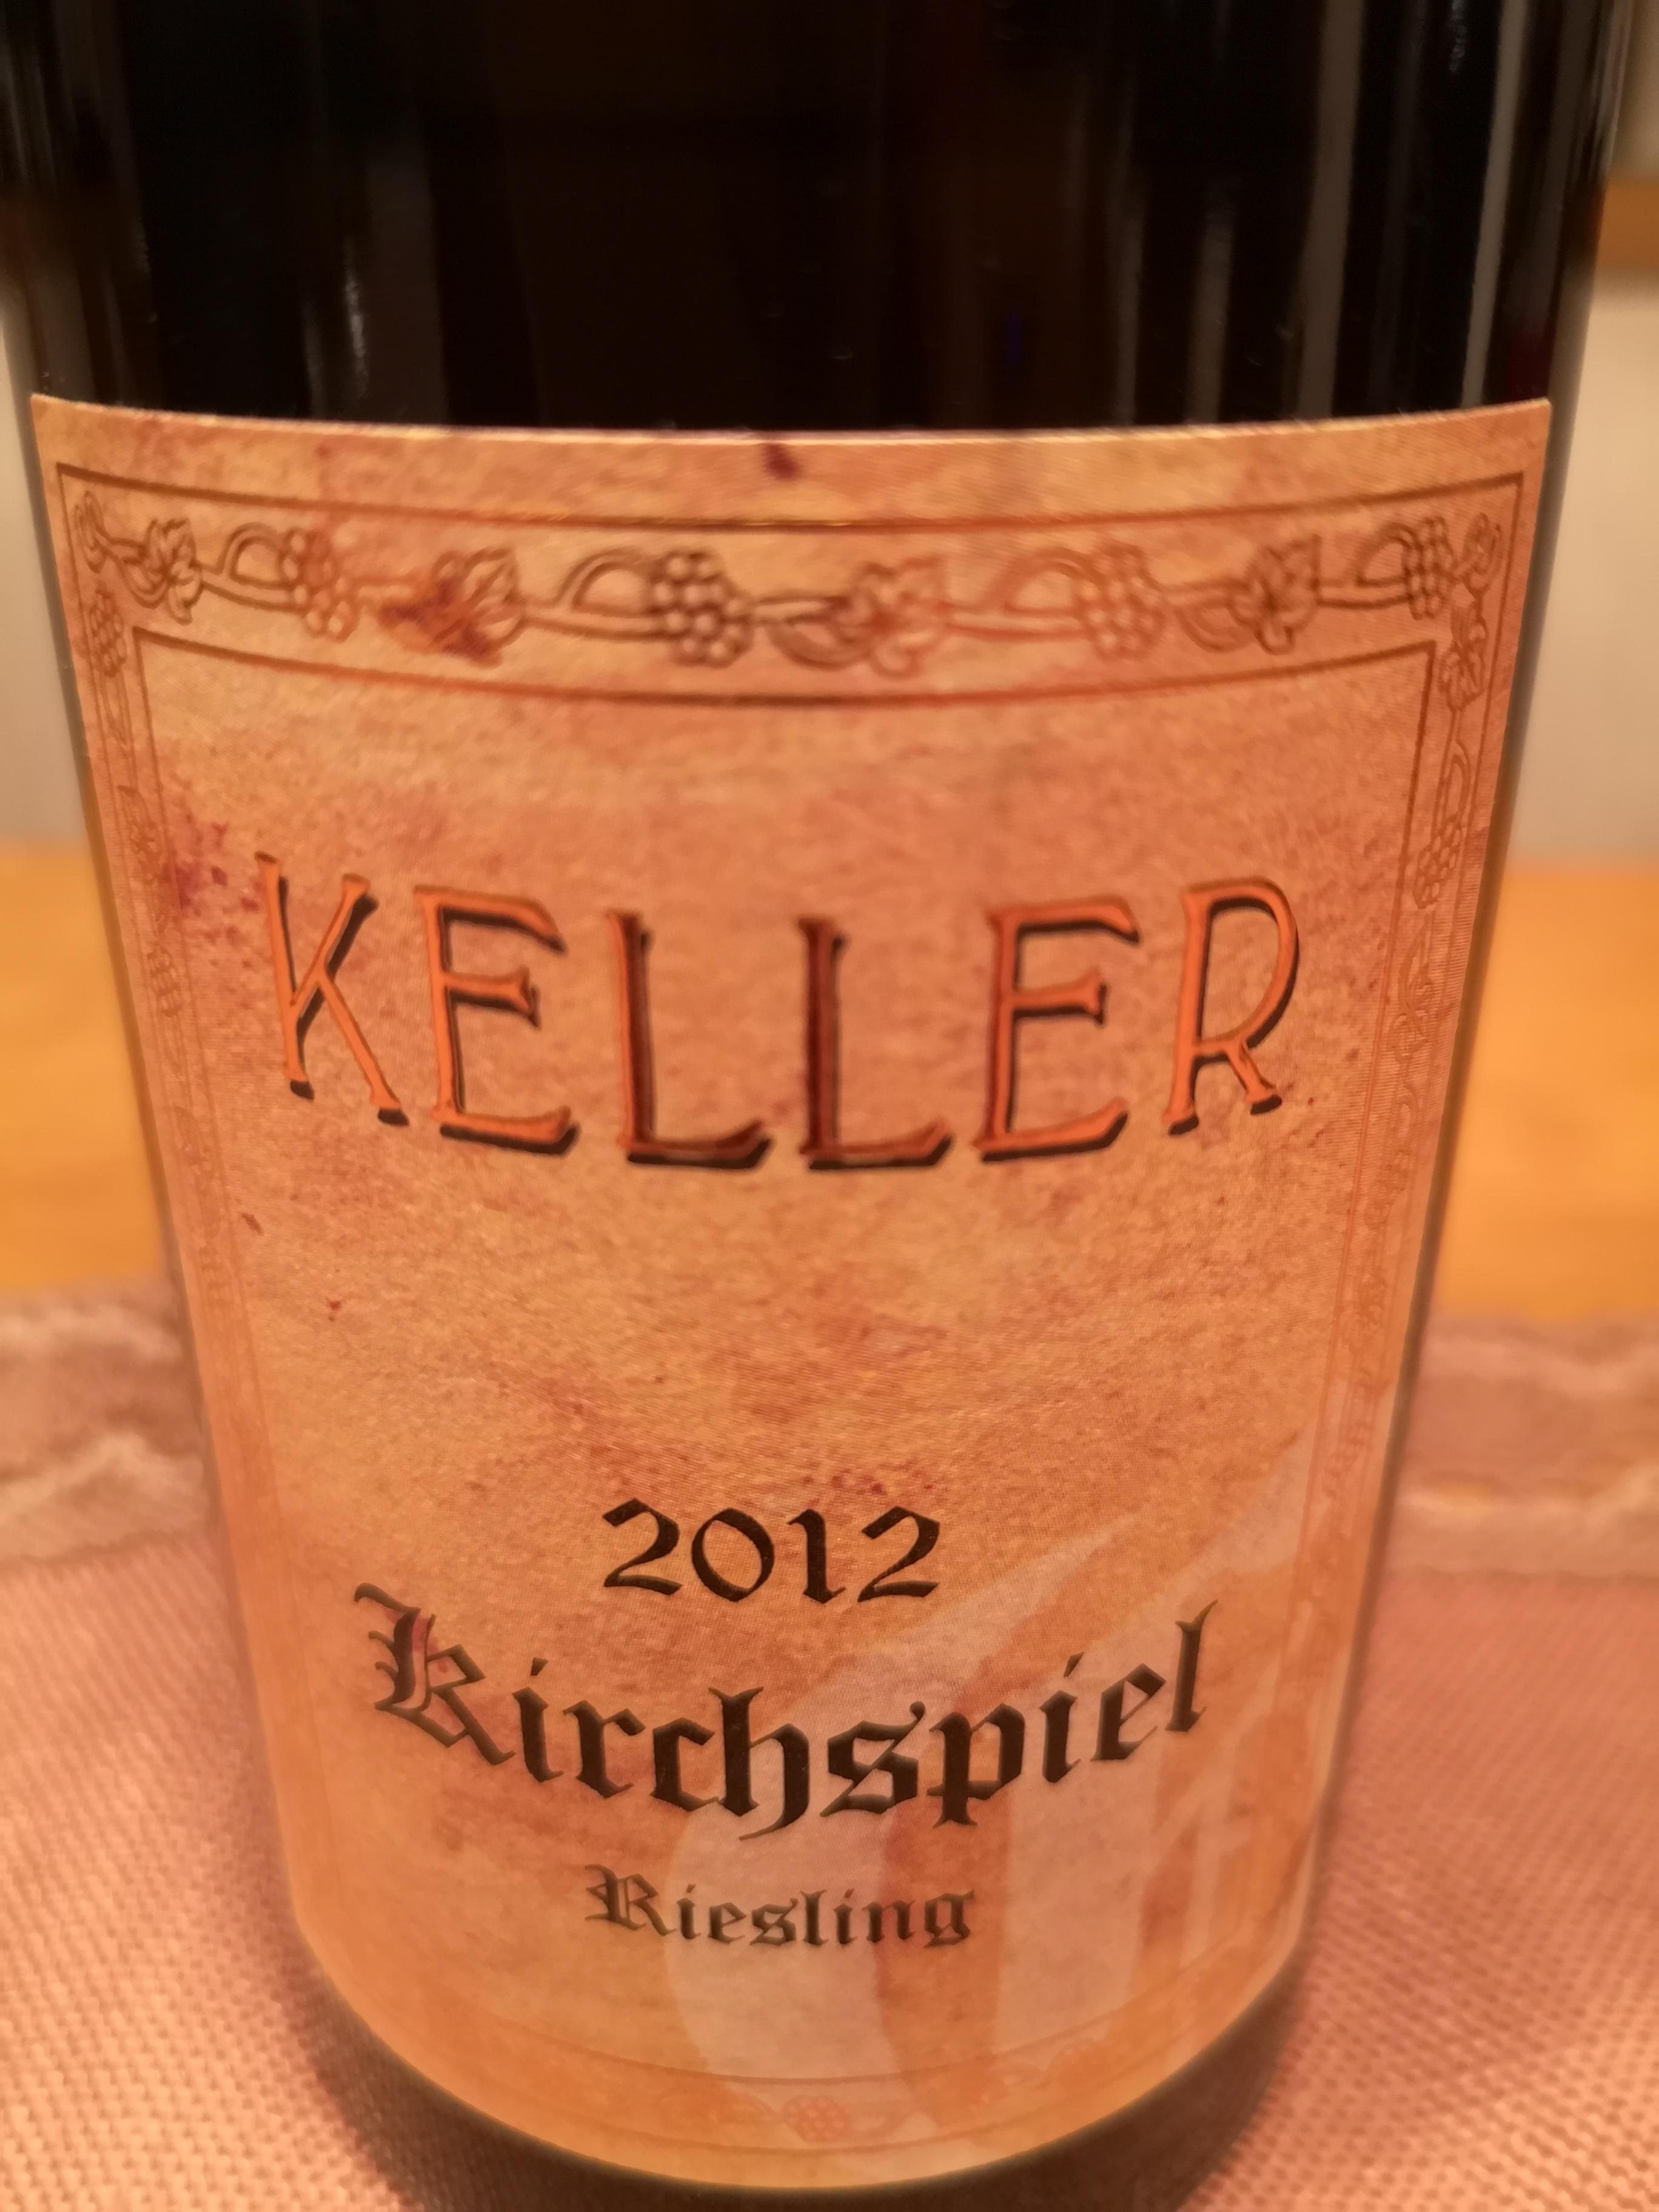 2012 Riesling Kirchspiel GG | Keller